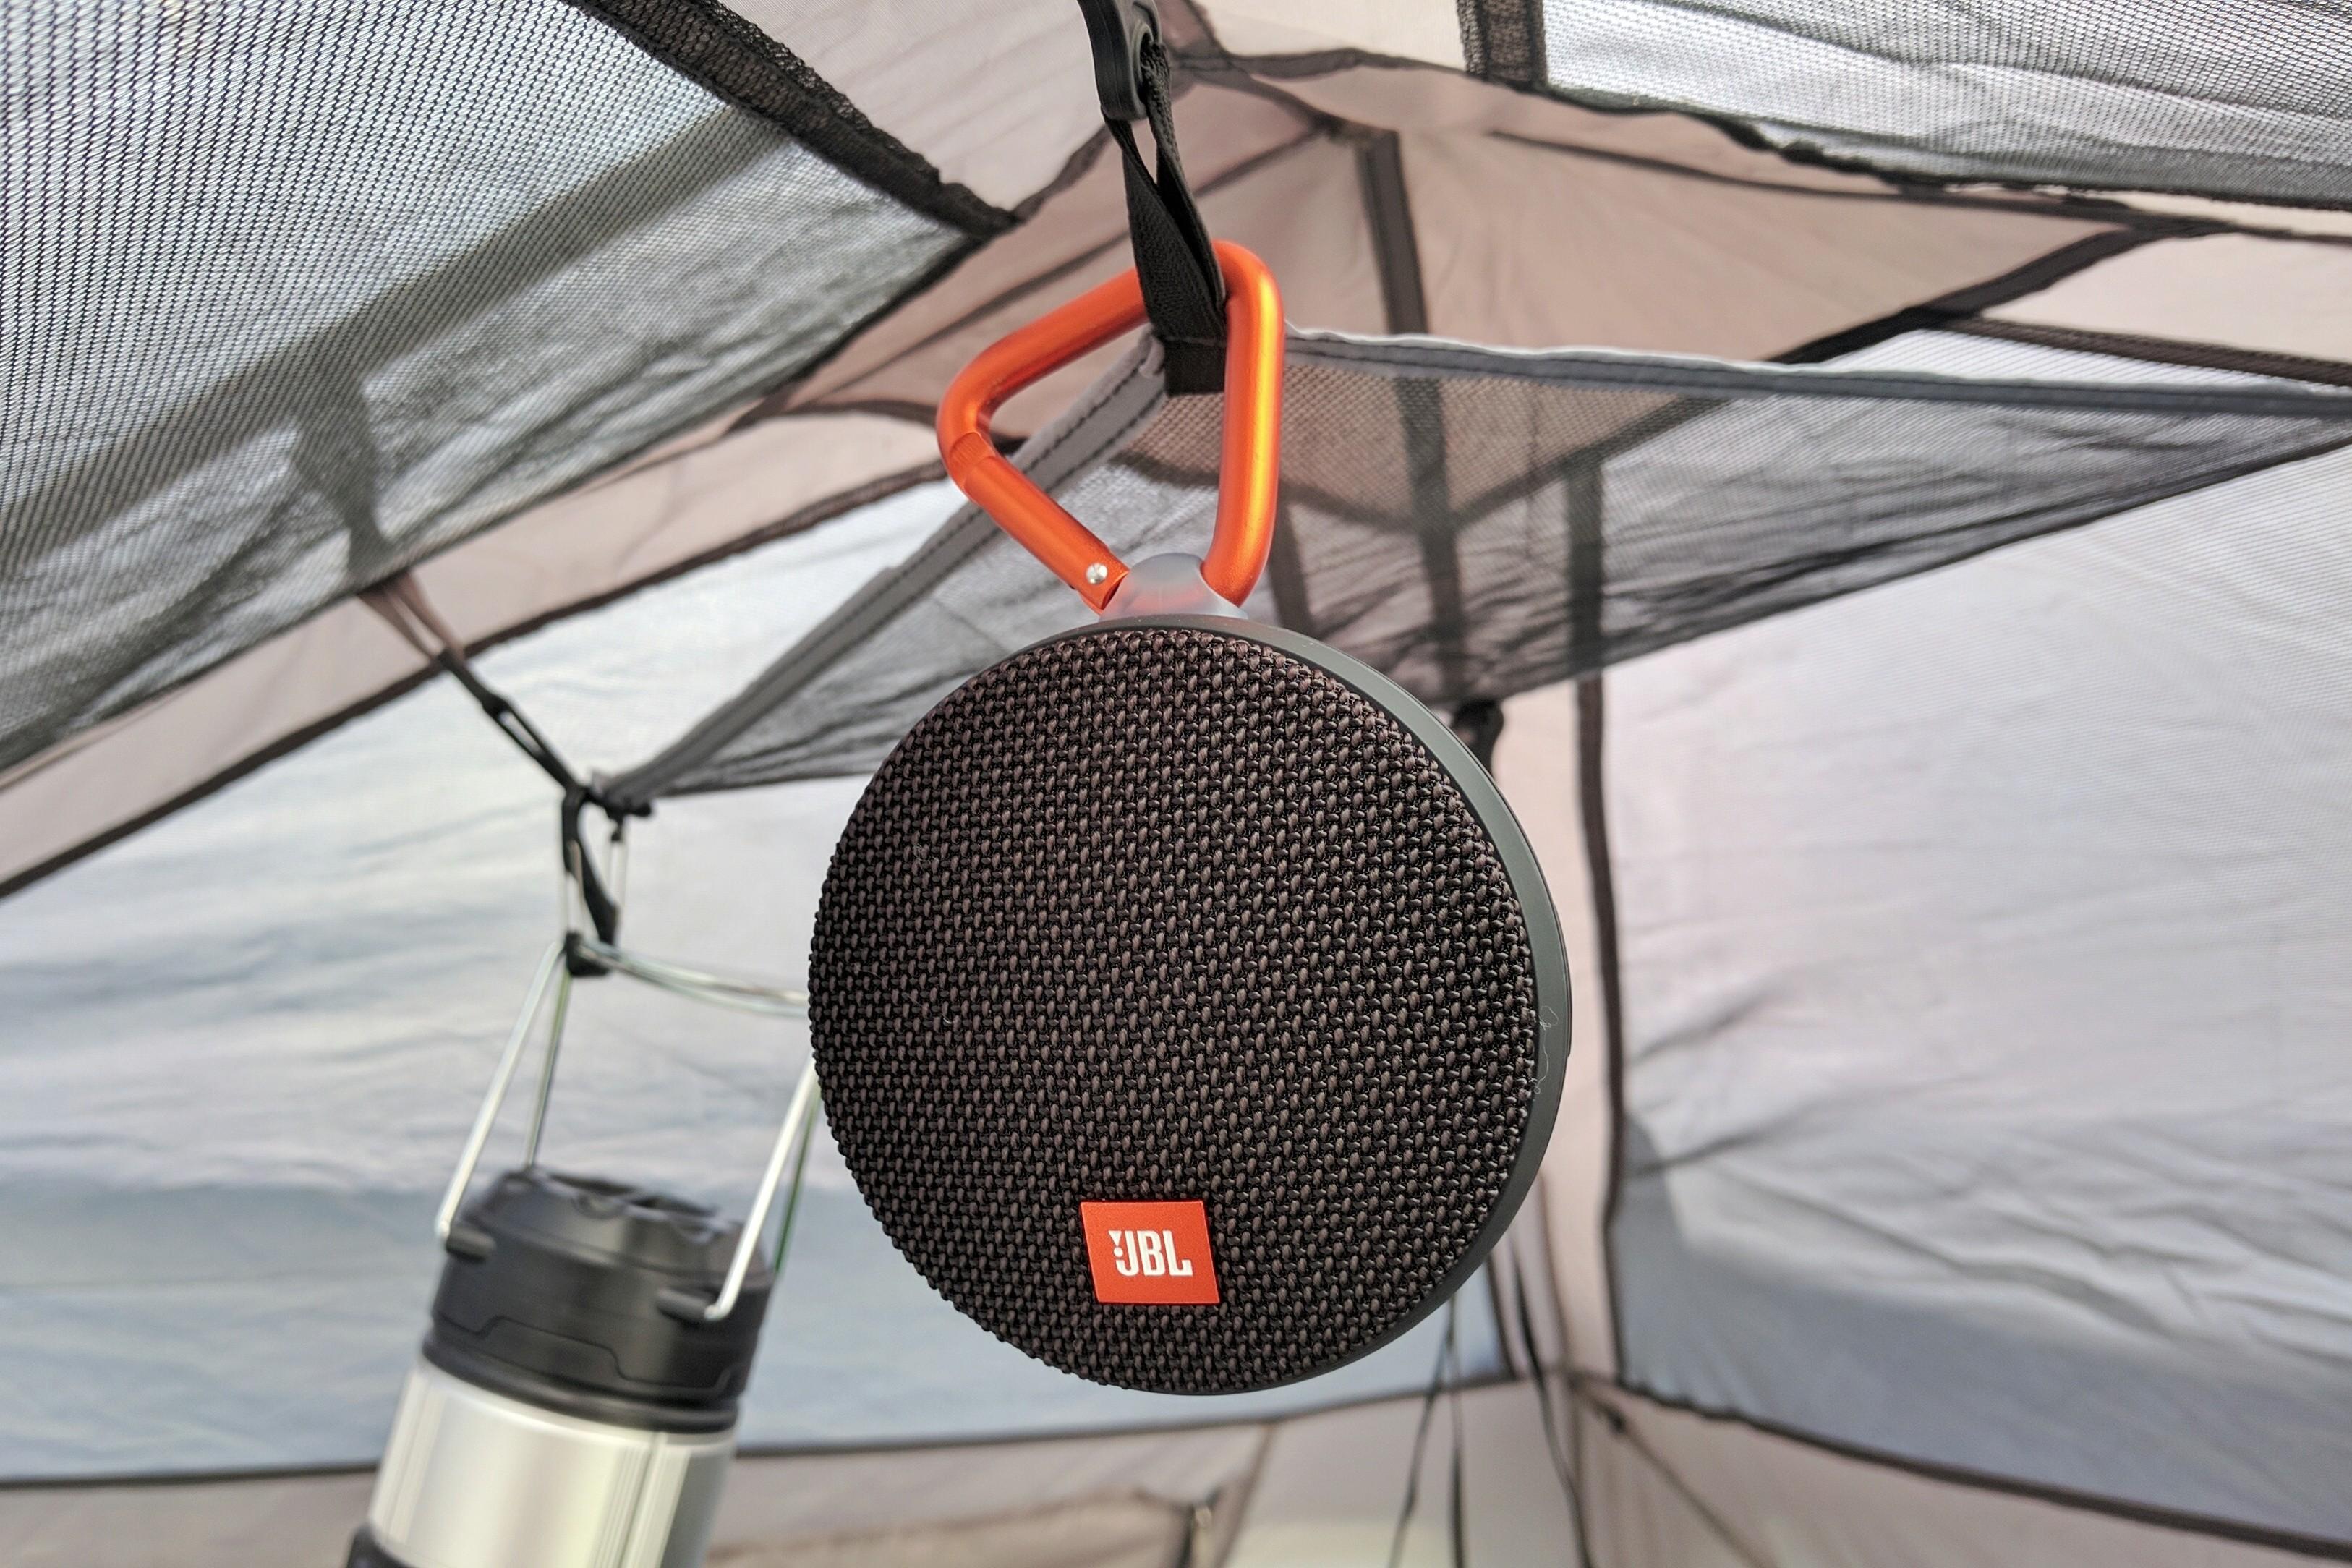 Loa Bluetooth JBL Clip 3 (Sand) kết nối bluetooth tiện lợi